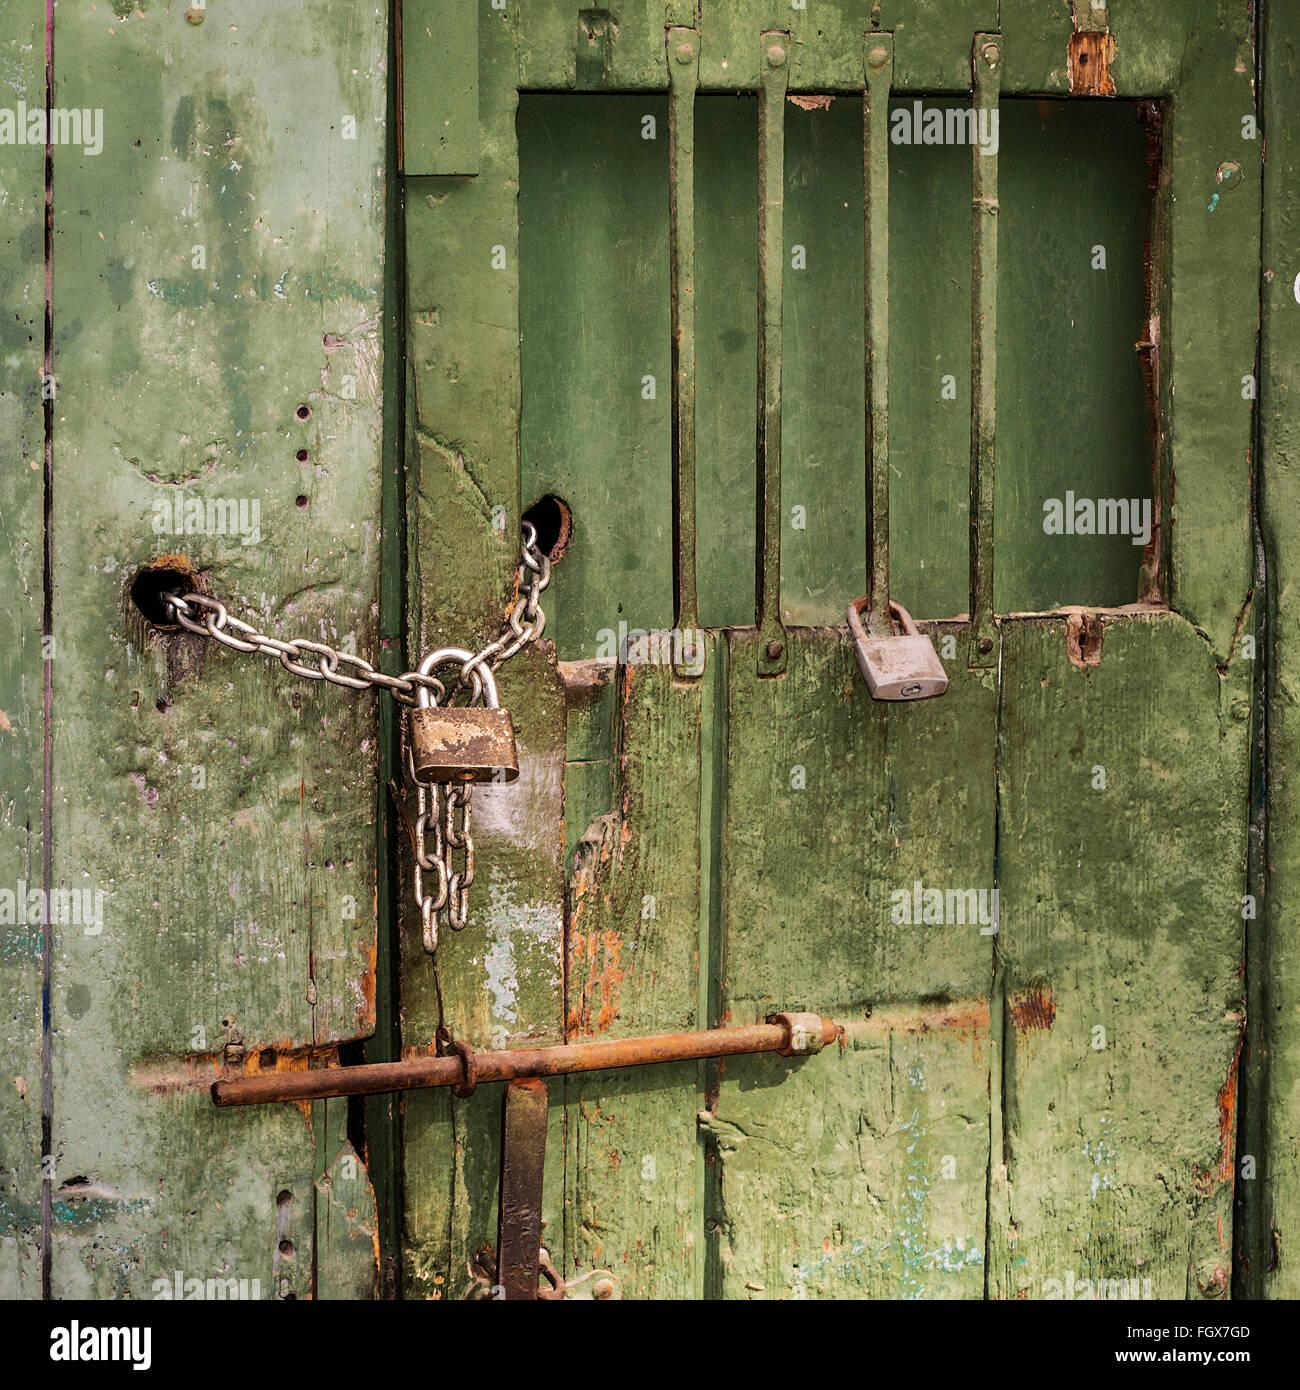 Locked and Barred Door Palma Majorca Spain & Locked and Barred Door Palma Majorca Spain Stock Photo: 96463037 - Alamy